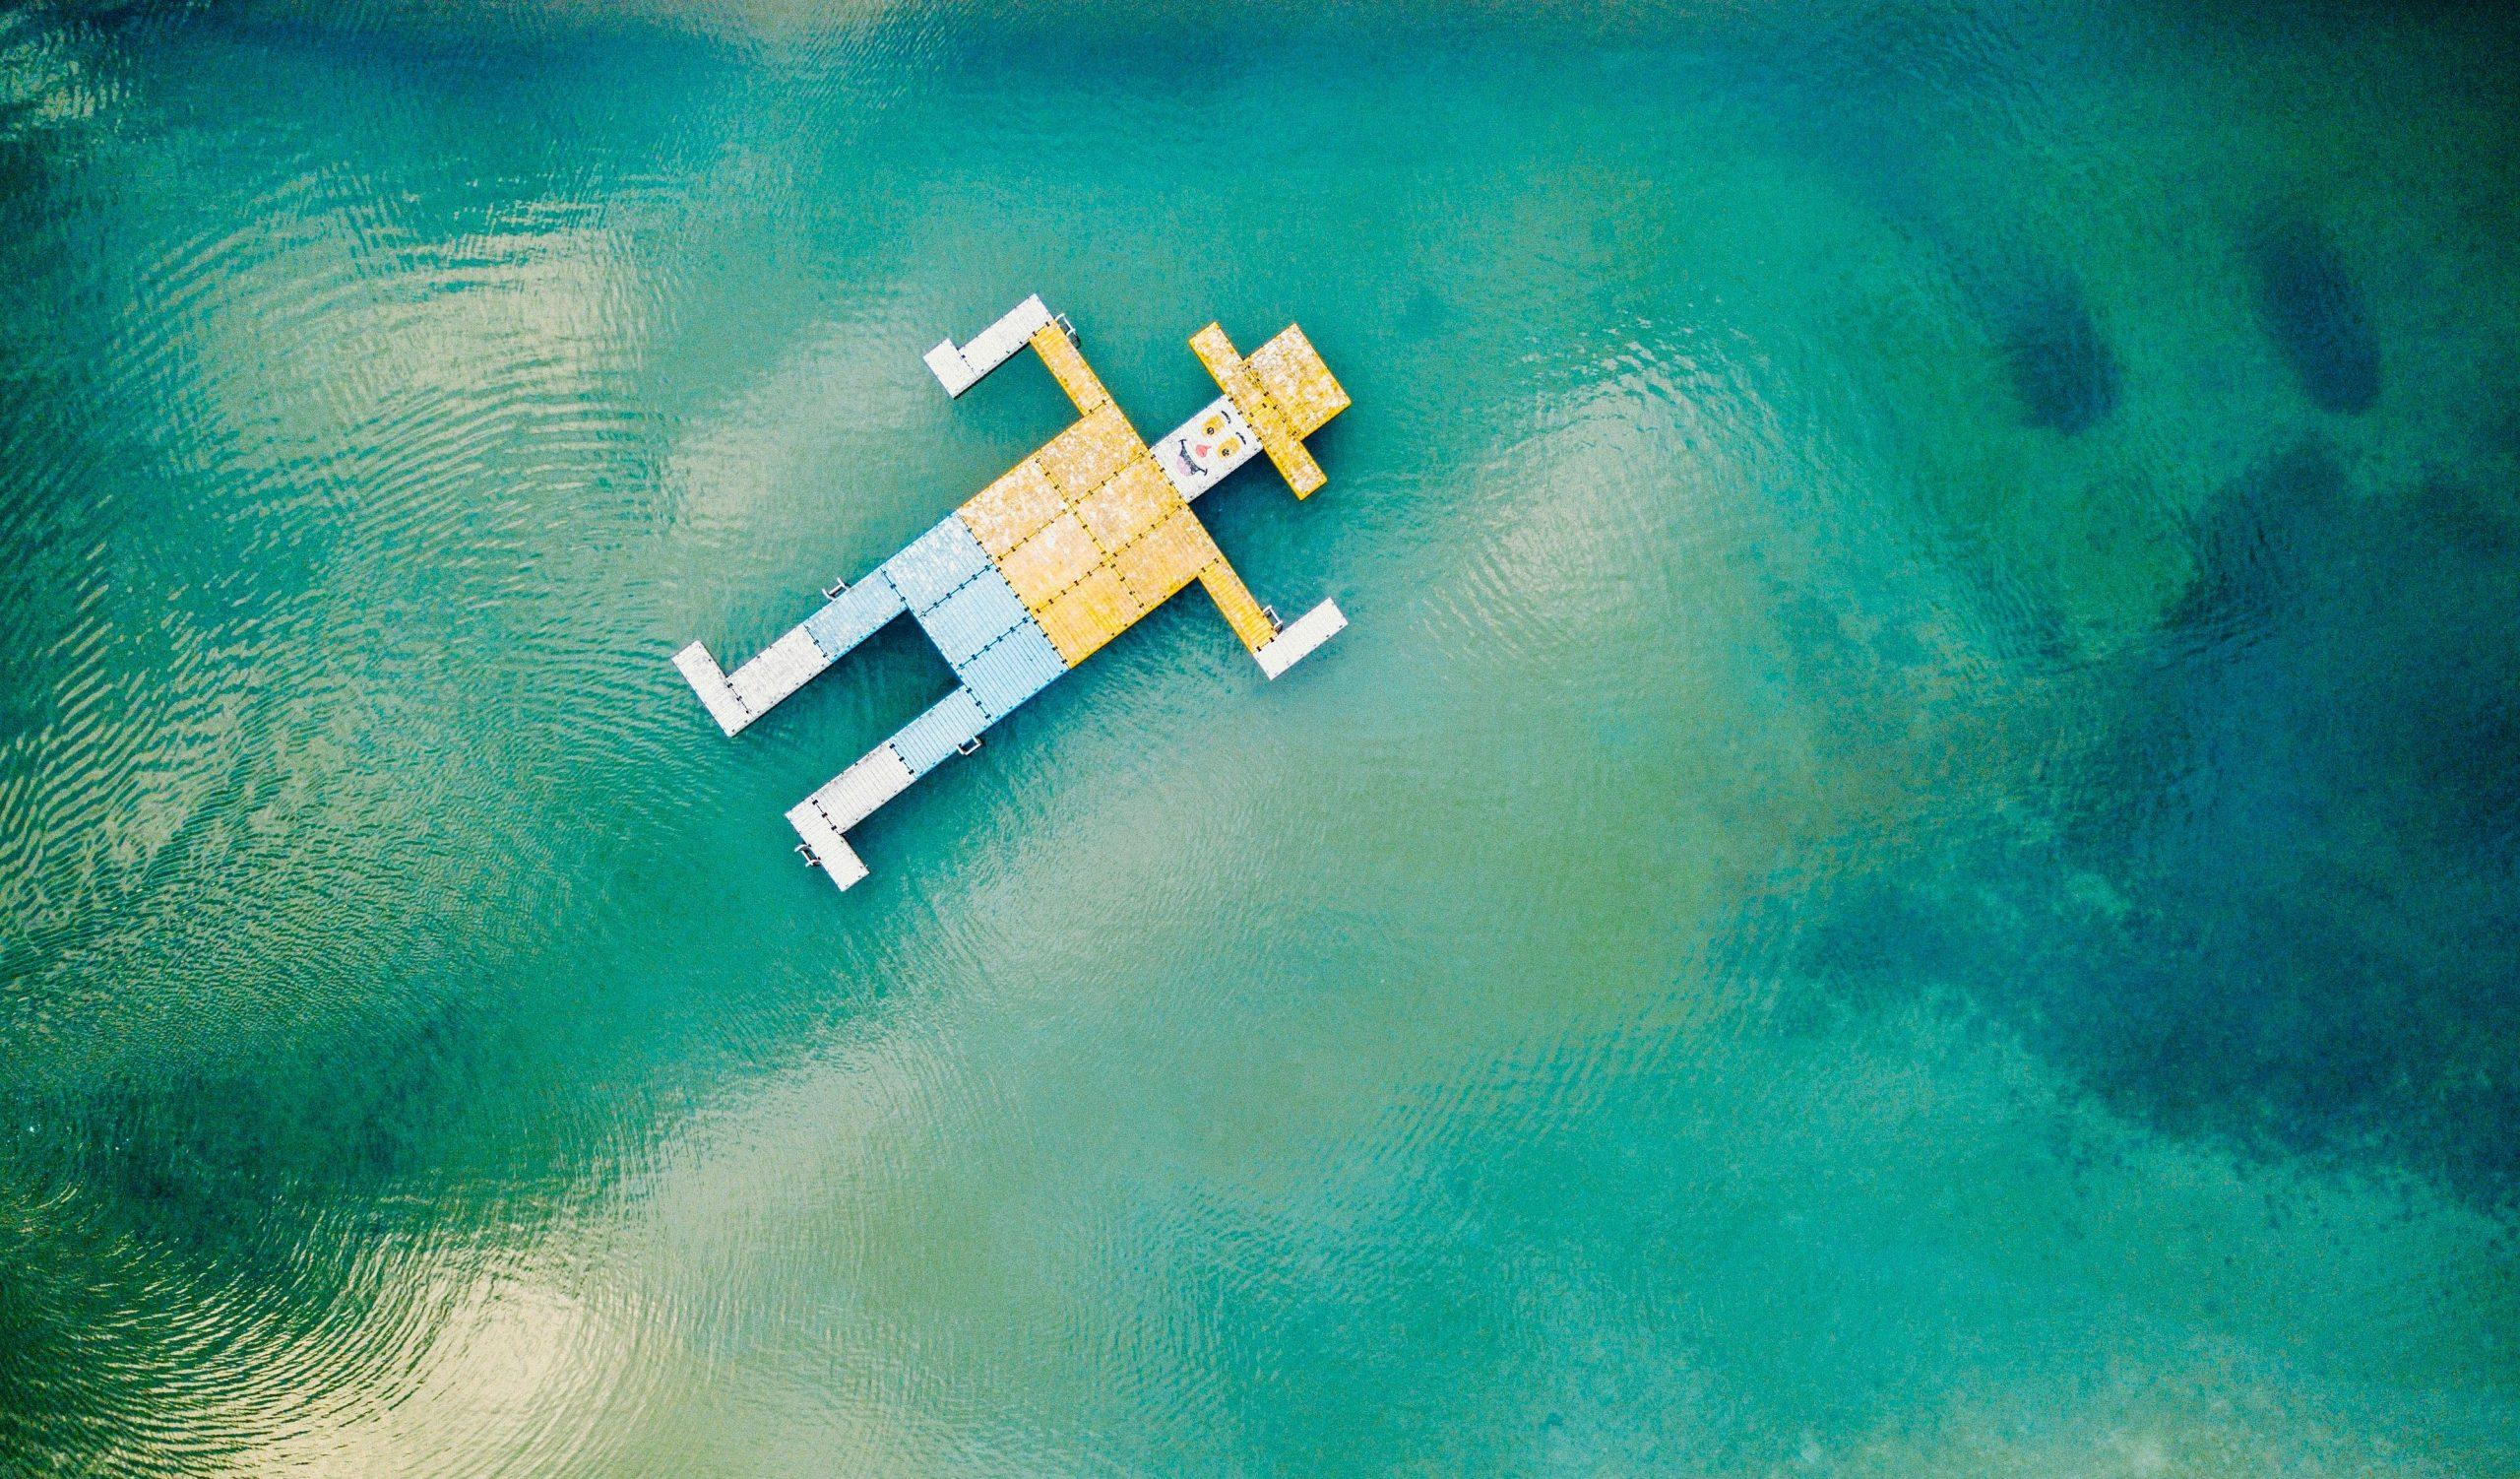 Künstliches Männchen, das für Kaufen steht, schwimmt im blauen Meer.